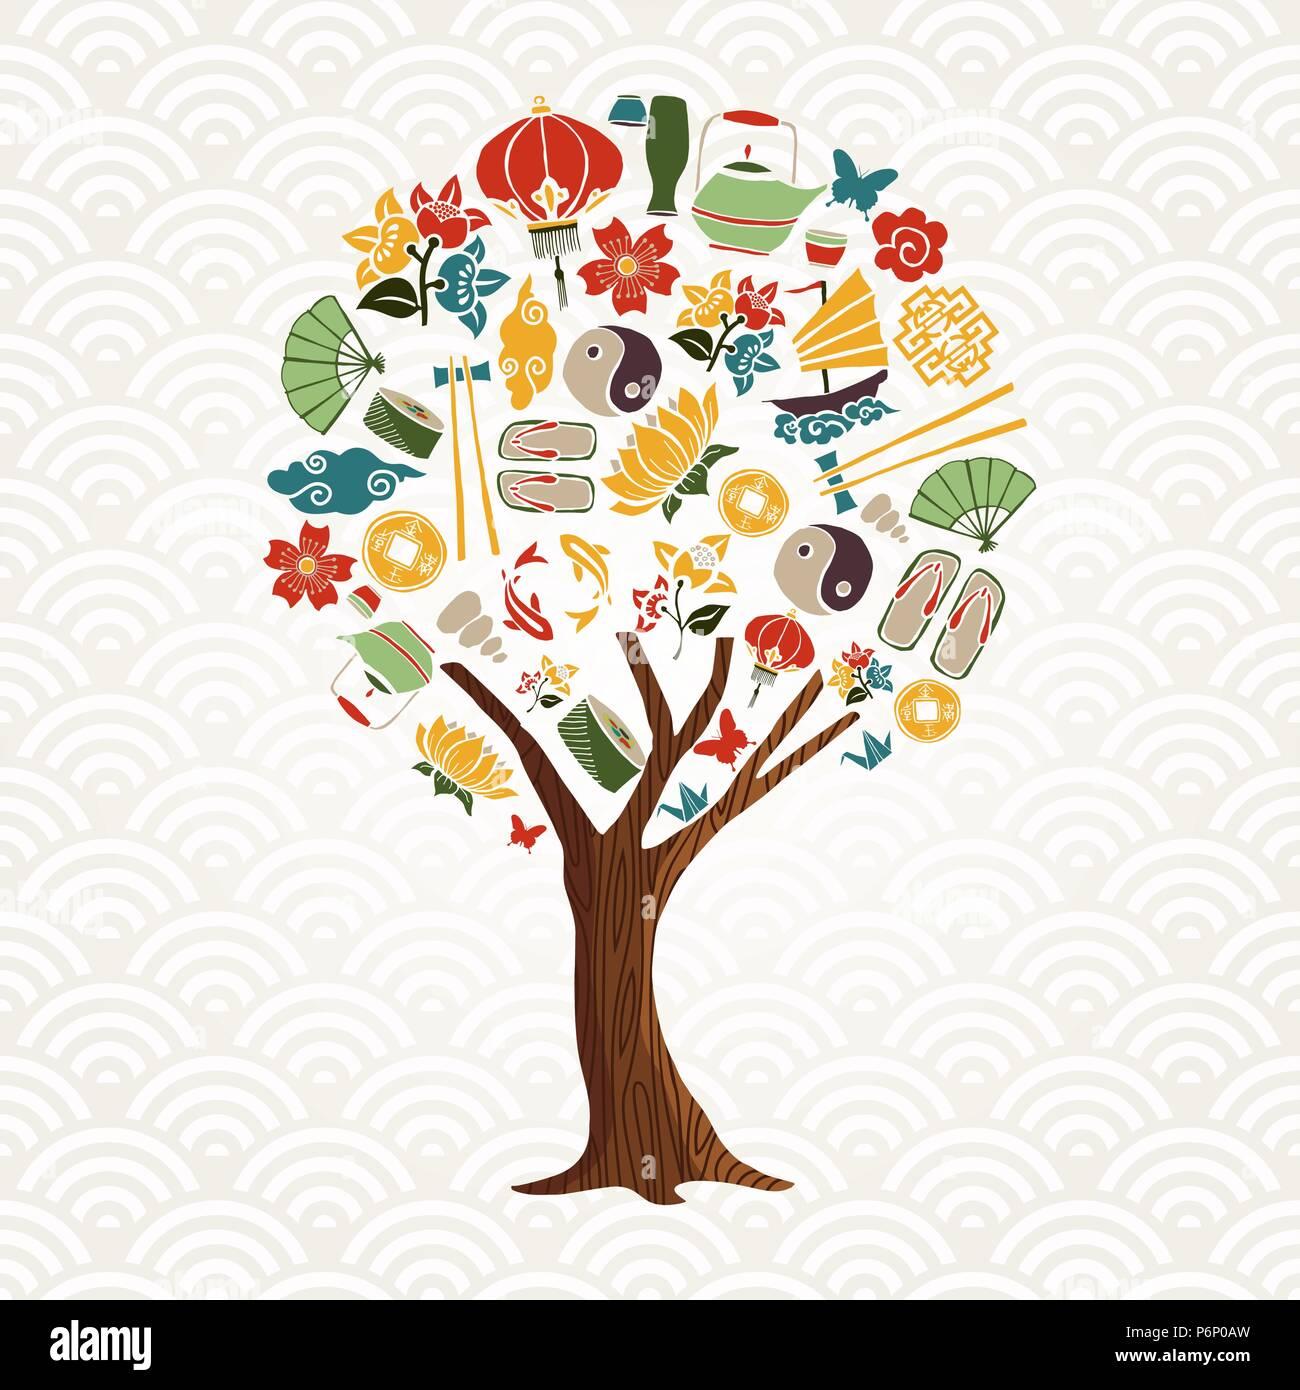 Cultura Asiatica concetto albero illustrazione. Cinese tradizionale icon set con fiore di loto, pesci koi, ying yang simbolo e più. EPS10 vettore. Immagini Stock